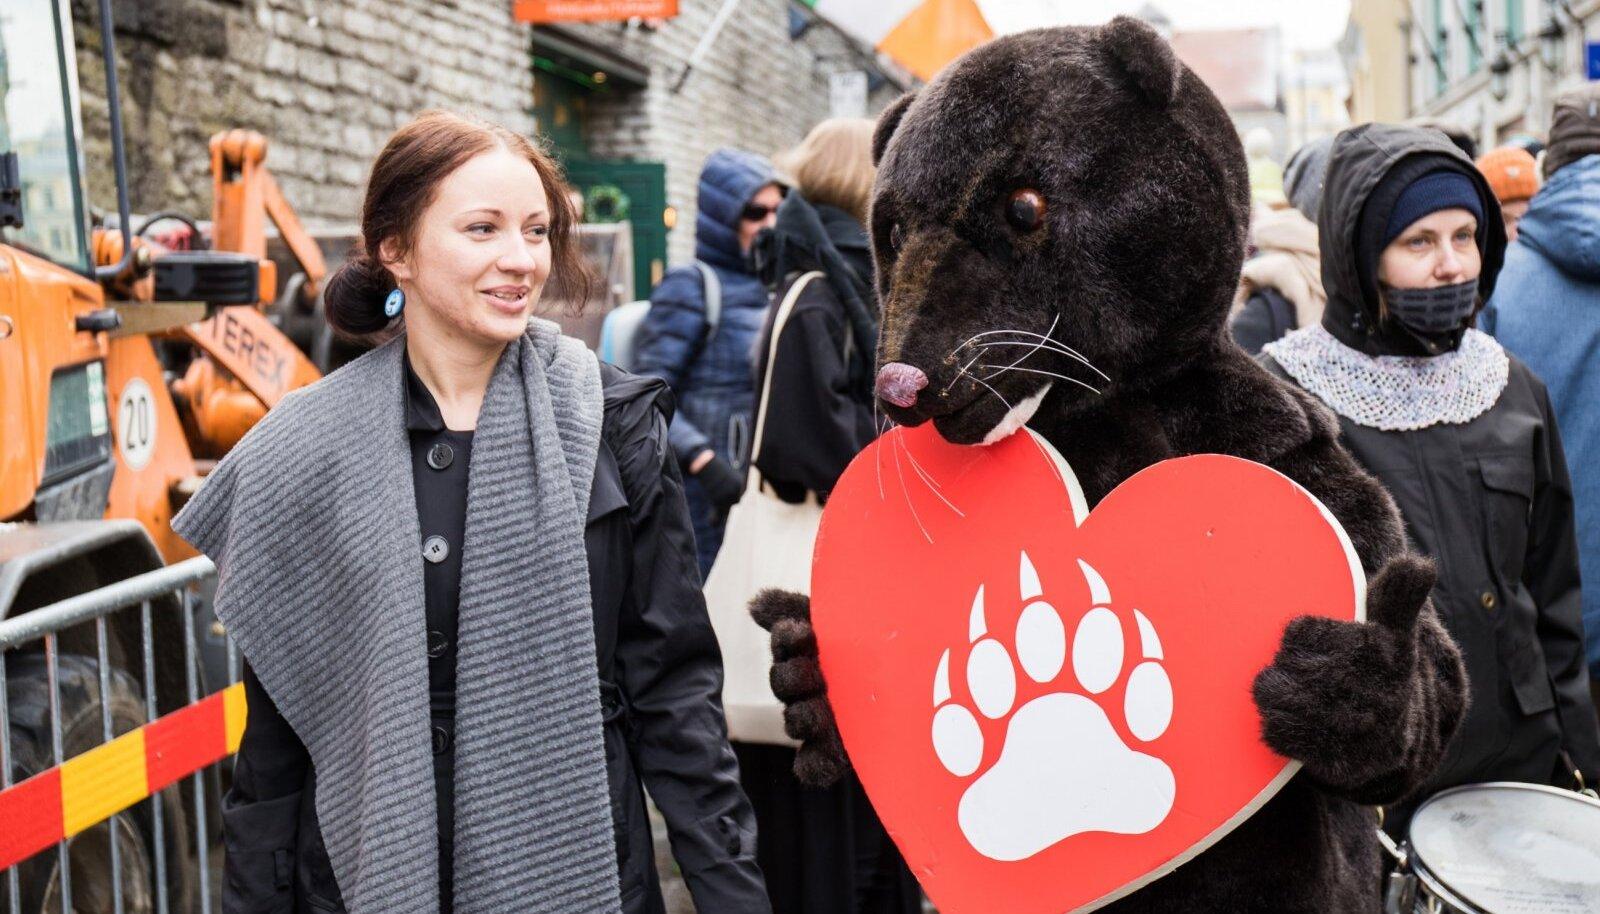 Rongkäik karusloomafarmide keelustamise toetamiseks